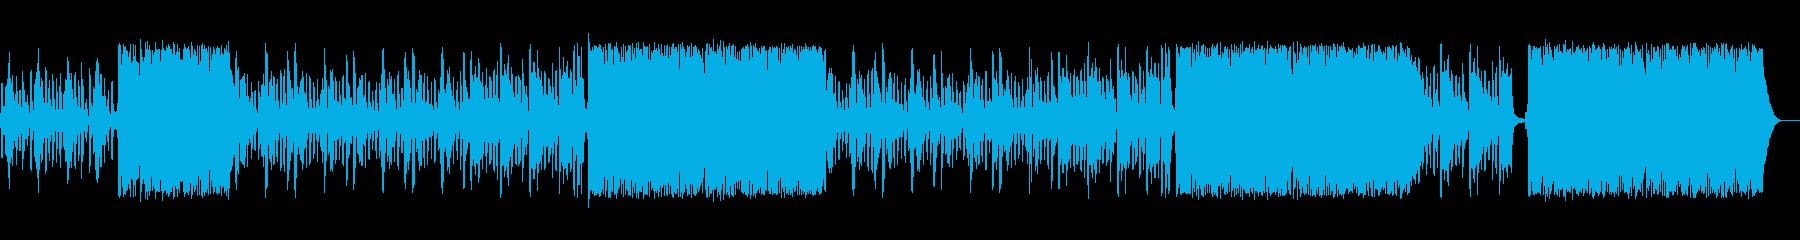 中東系/ヒップホップ/動画向き/#2の再生済みの波形